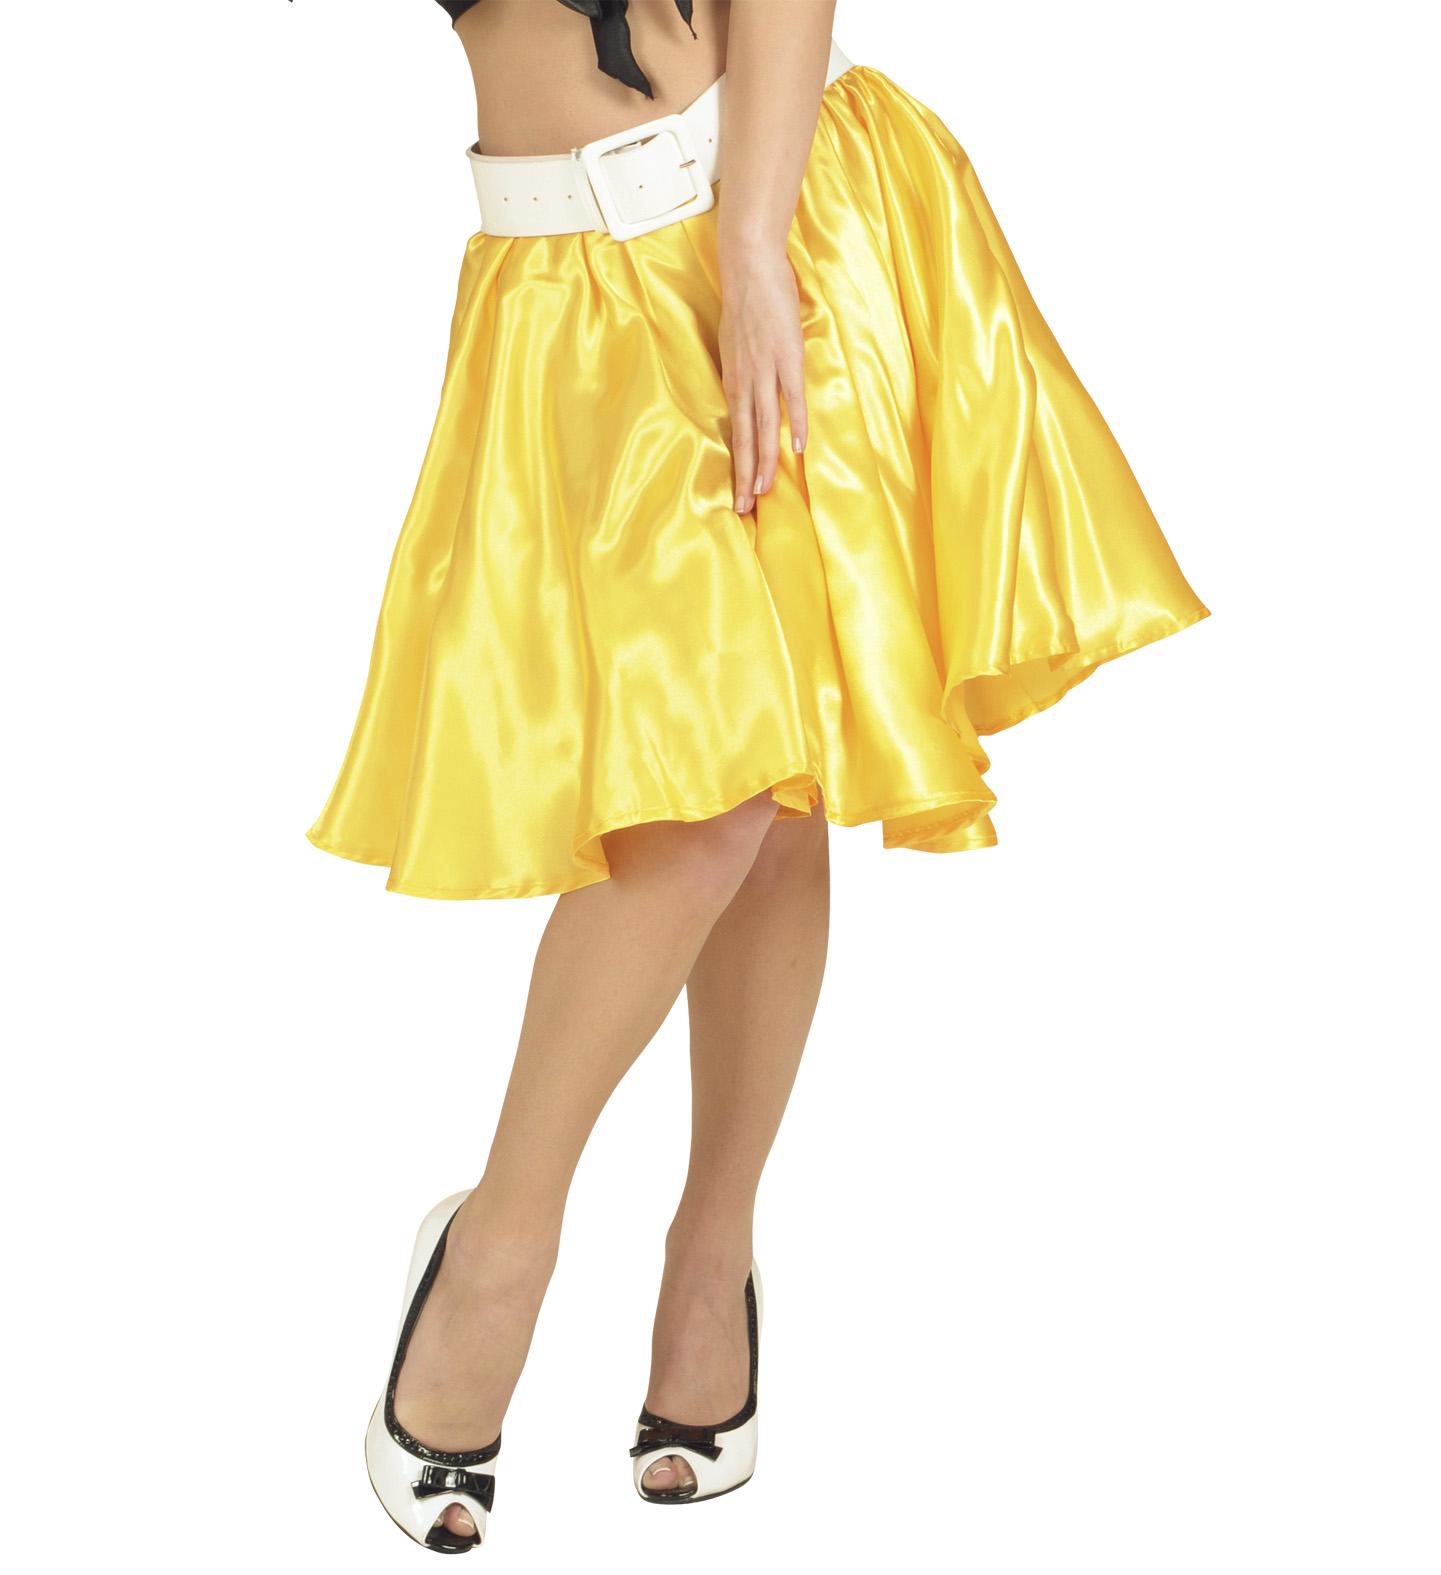 Szatén szoknya női jelmez felnőtt általános méretben sárga színben 3d6916c222